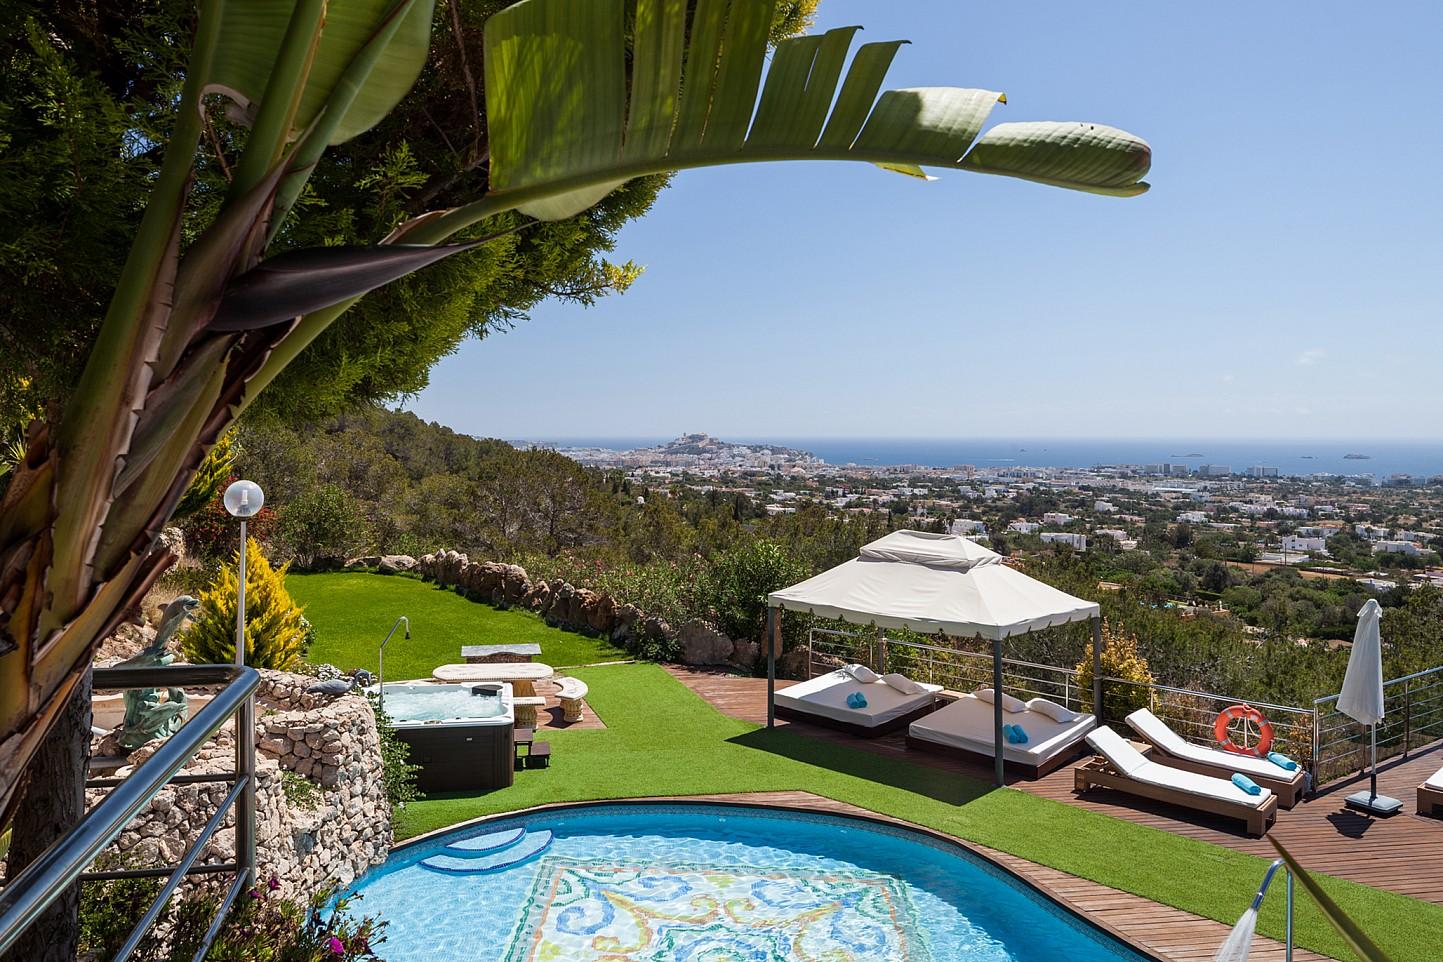 Vistas del jardín con las camas exteriores y unas vistas espléndidas al mar